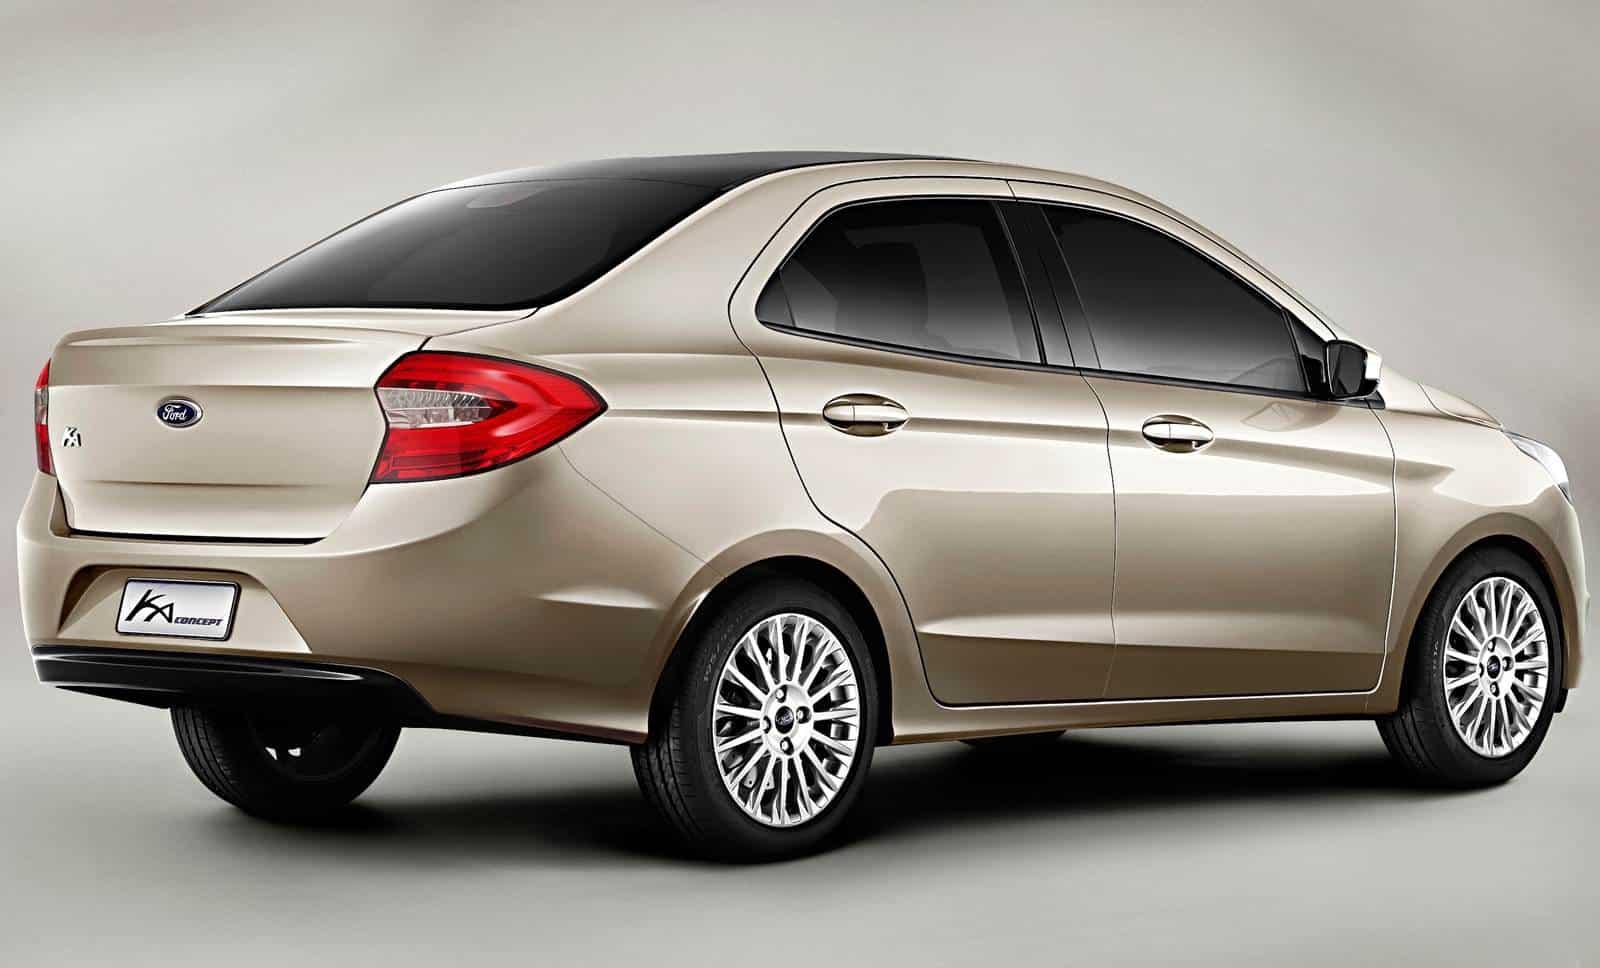 novo-ford-ka-sedan-2015-3